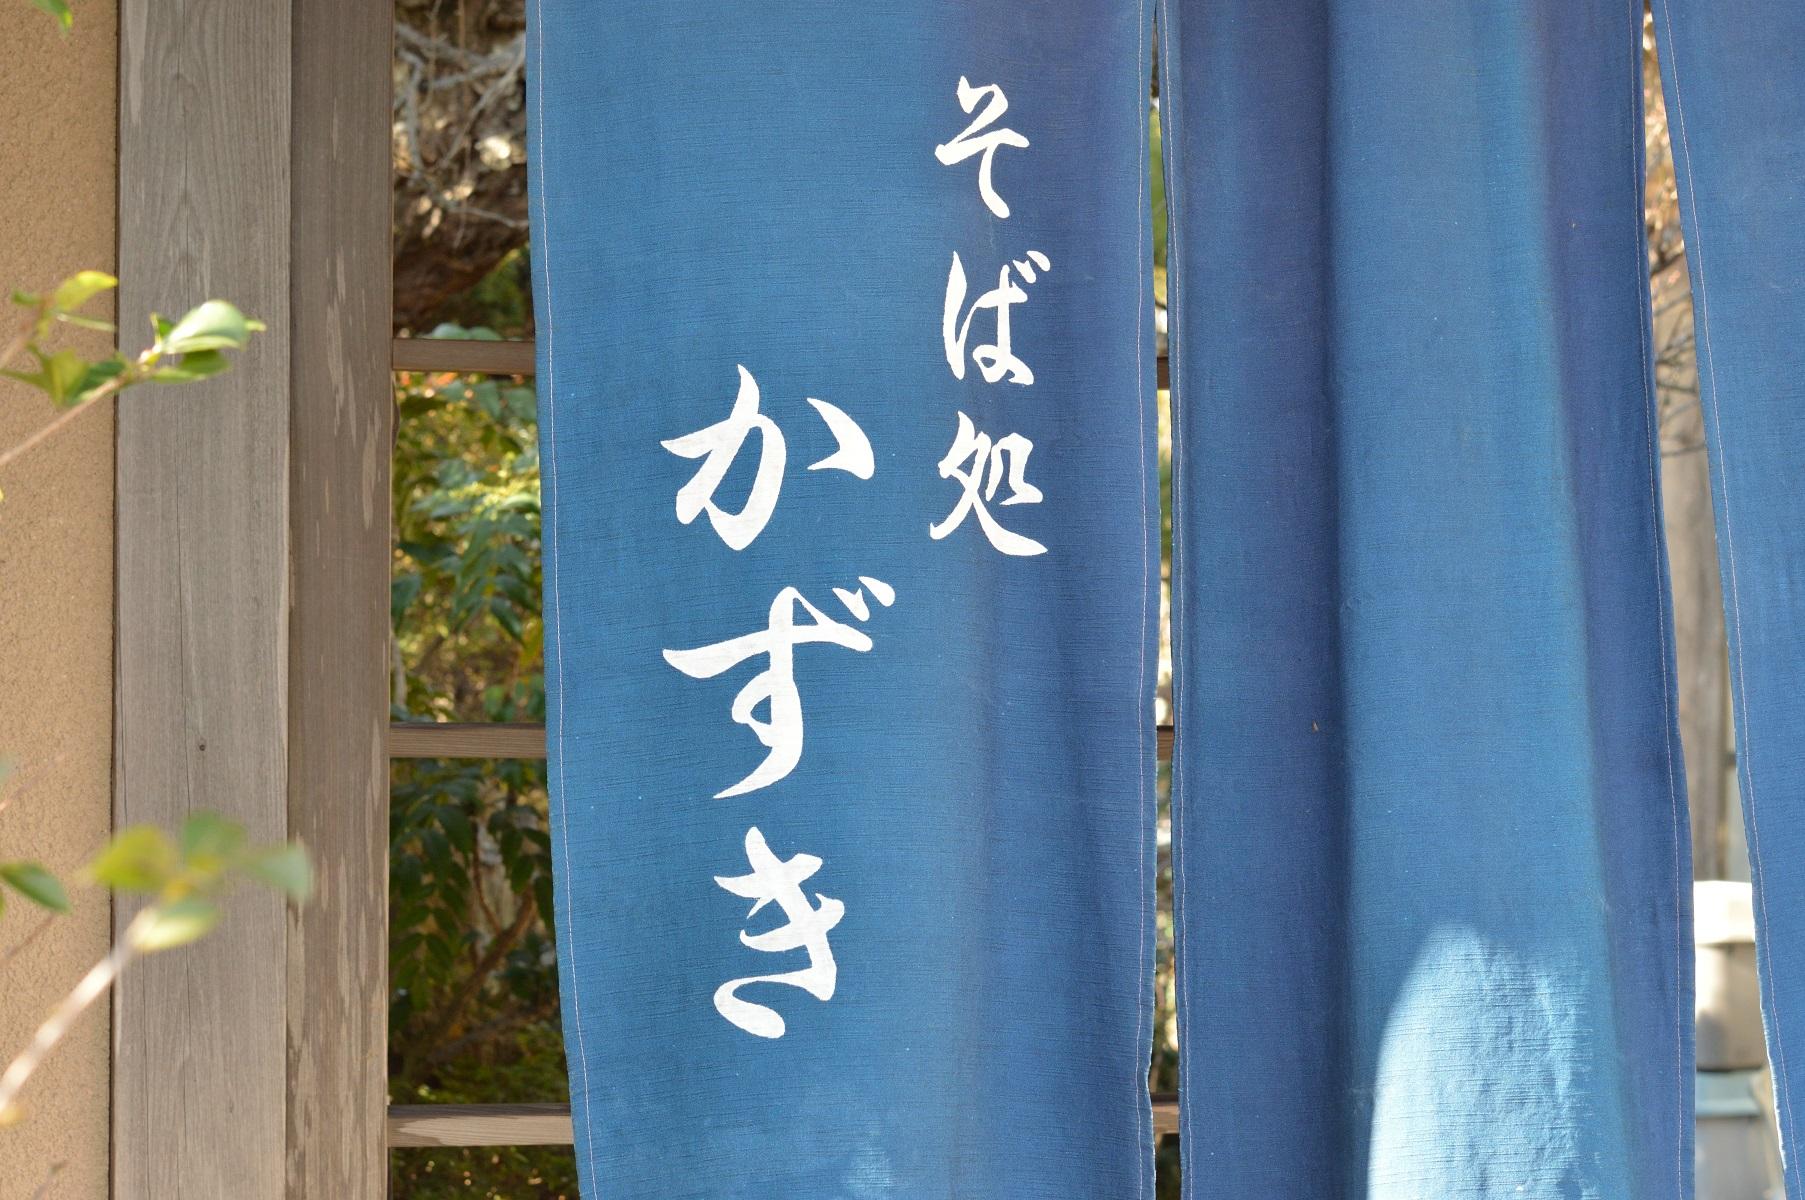 茨城県水戸市 そば処かずき 外観 のれん (1)